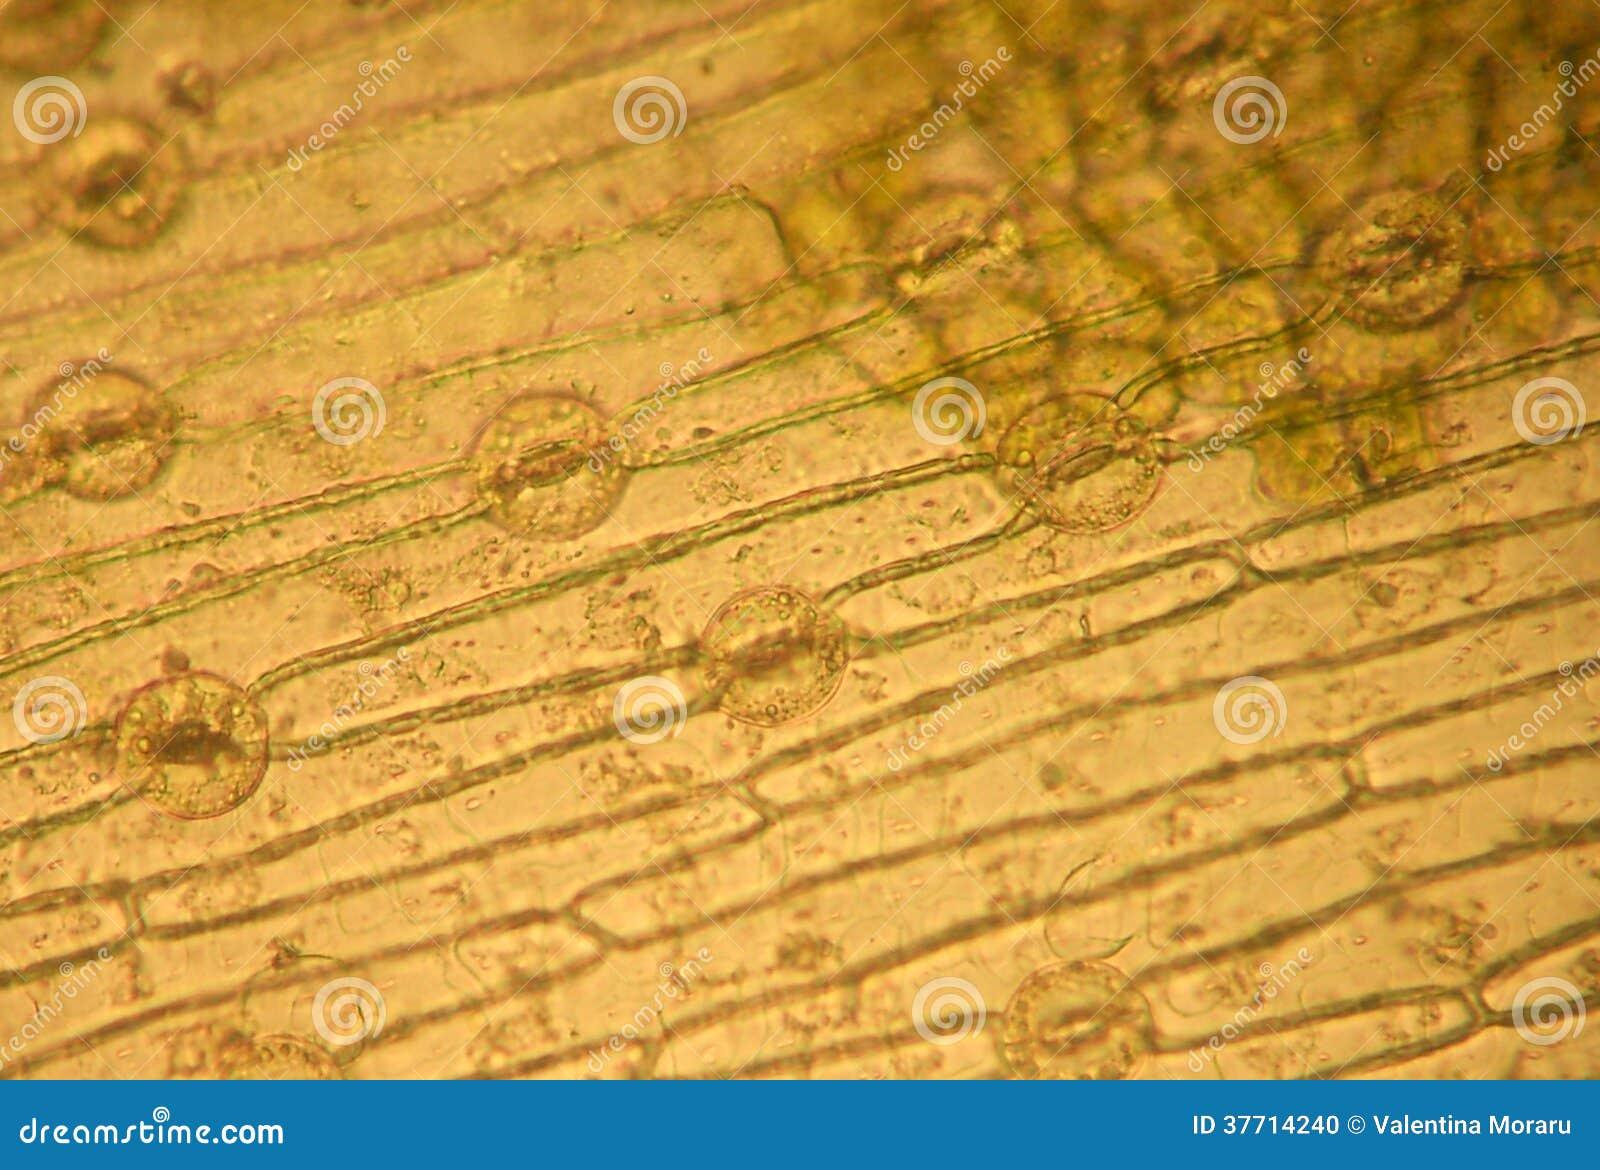 气孔-光学显微学